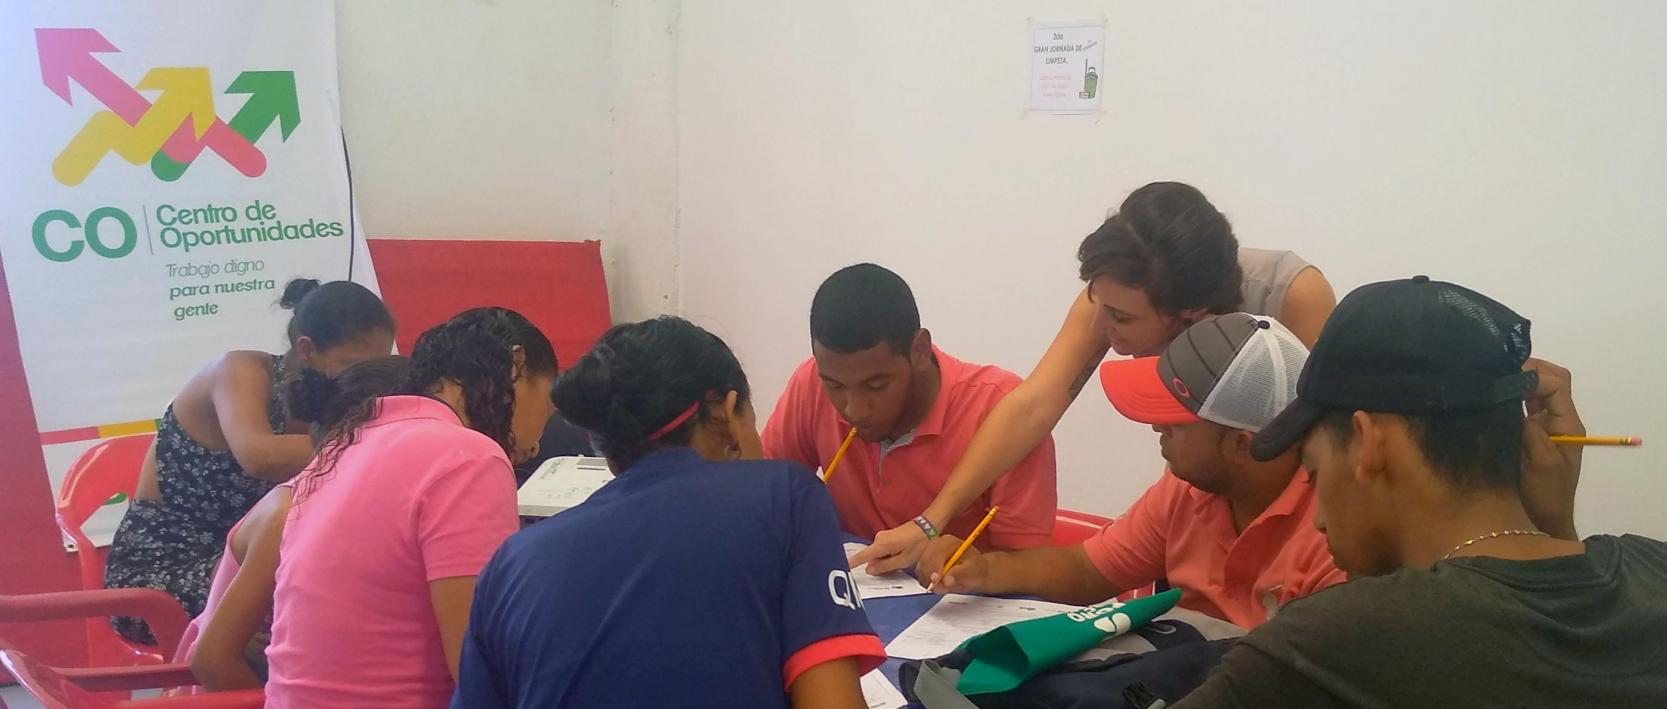 Preparación para el ambiente laboral: la esperanza de los jóvenes de Las Gardenias